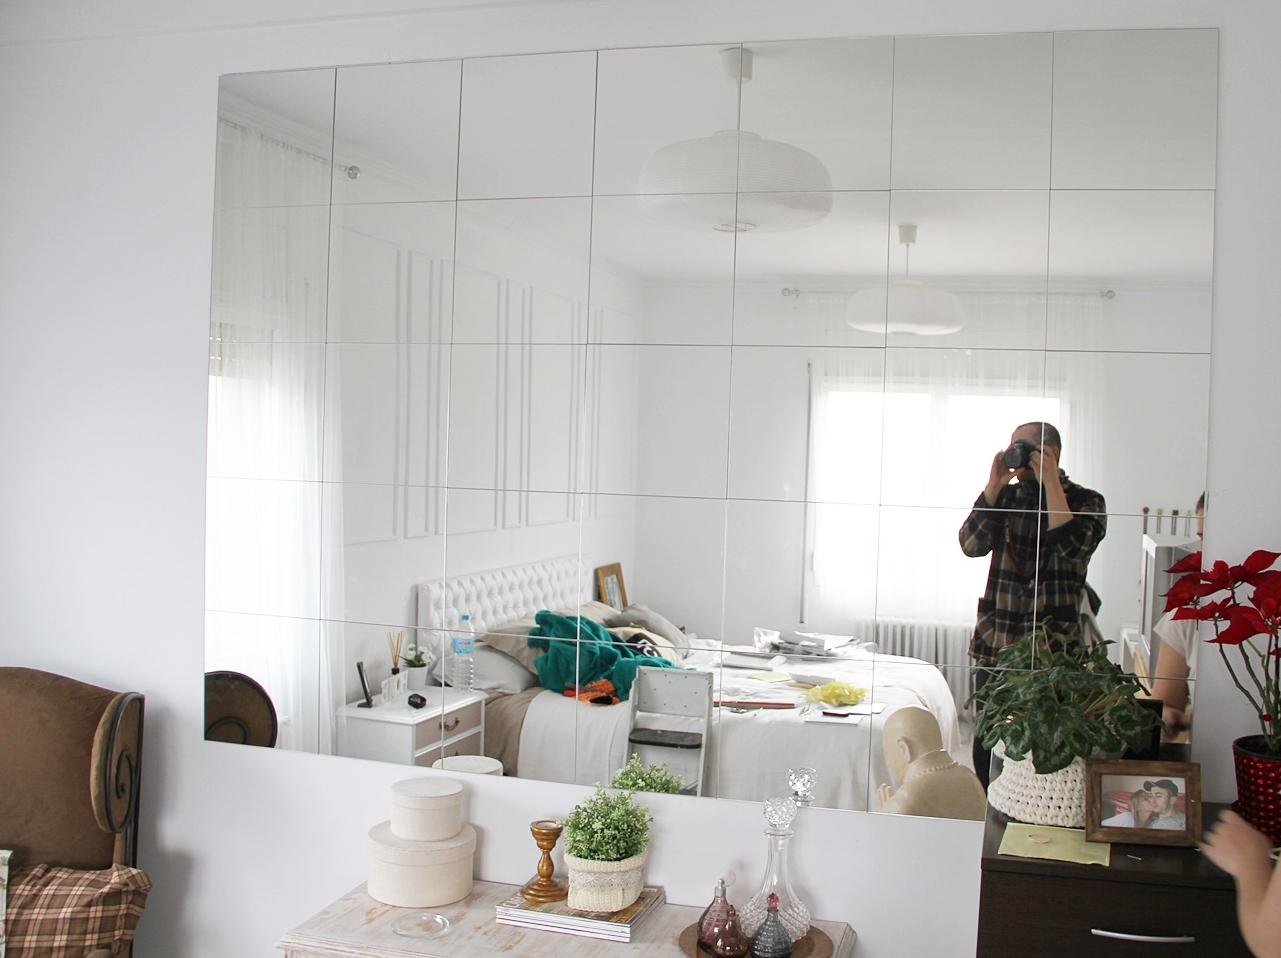 Diy montando una pared de espejos alquimia deco for Espejos de pared ikea